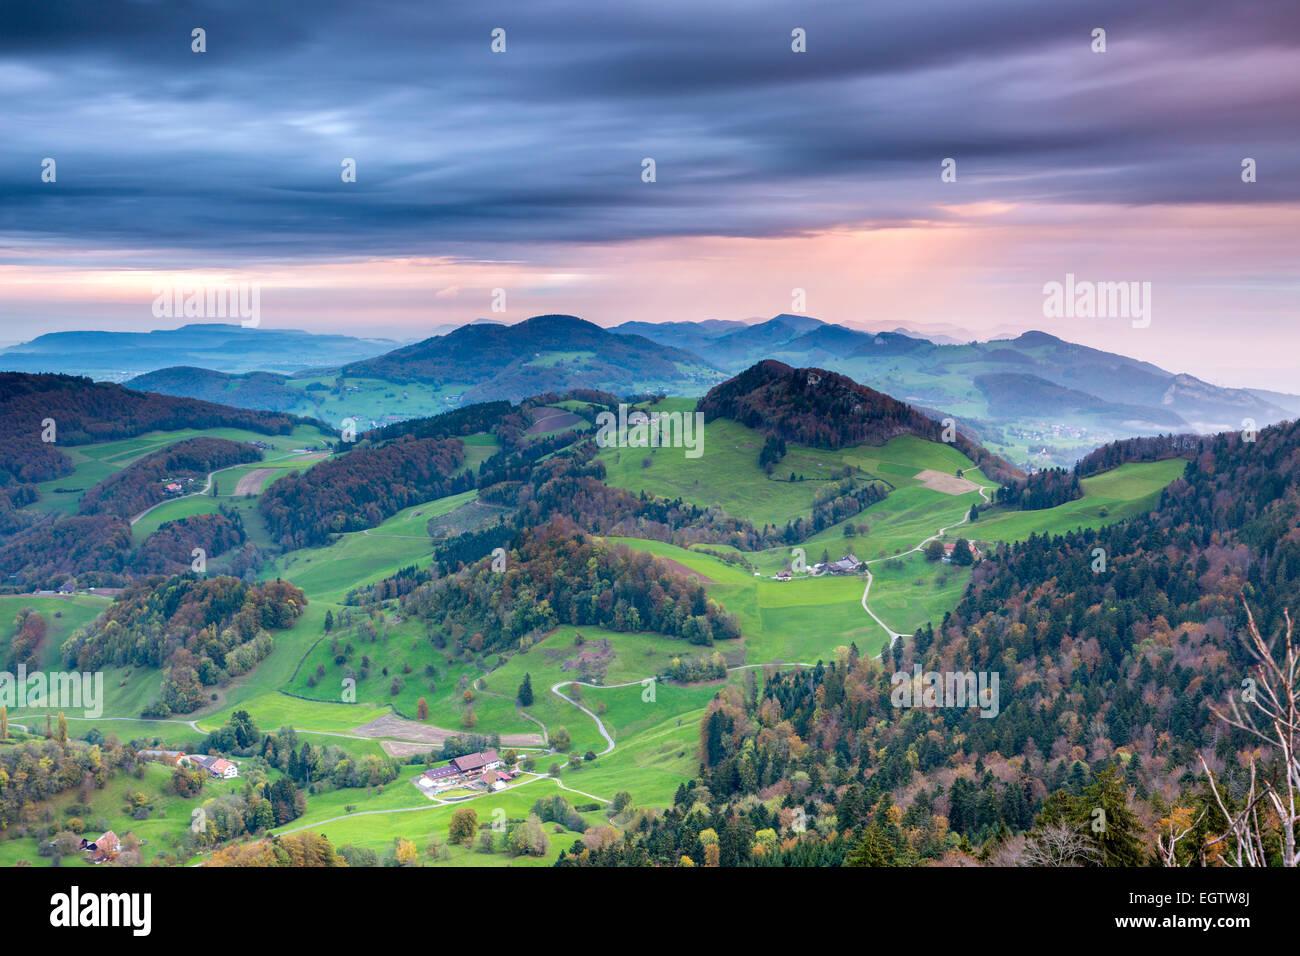 Blick vom Belchenflue an der Grenze des Kantons Basel-Landschaft und Kanton Solothurn im Jura, Schweiz. Stockbild